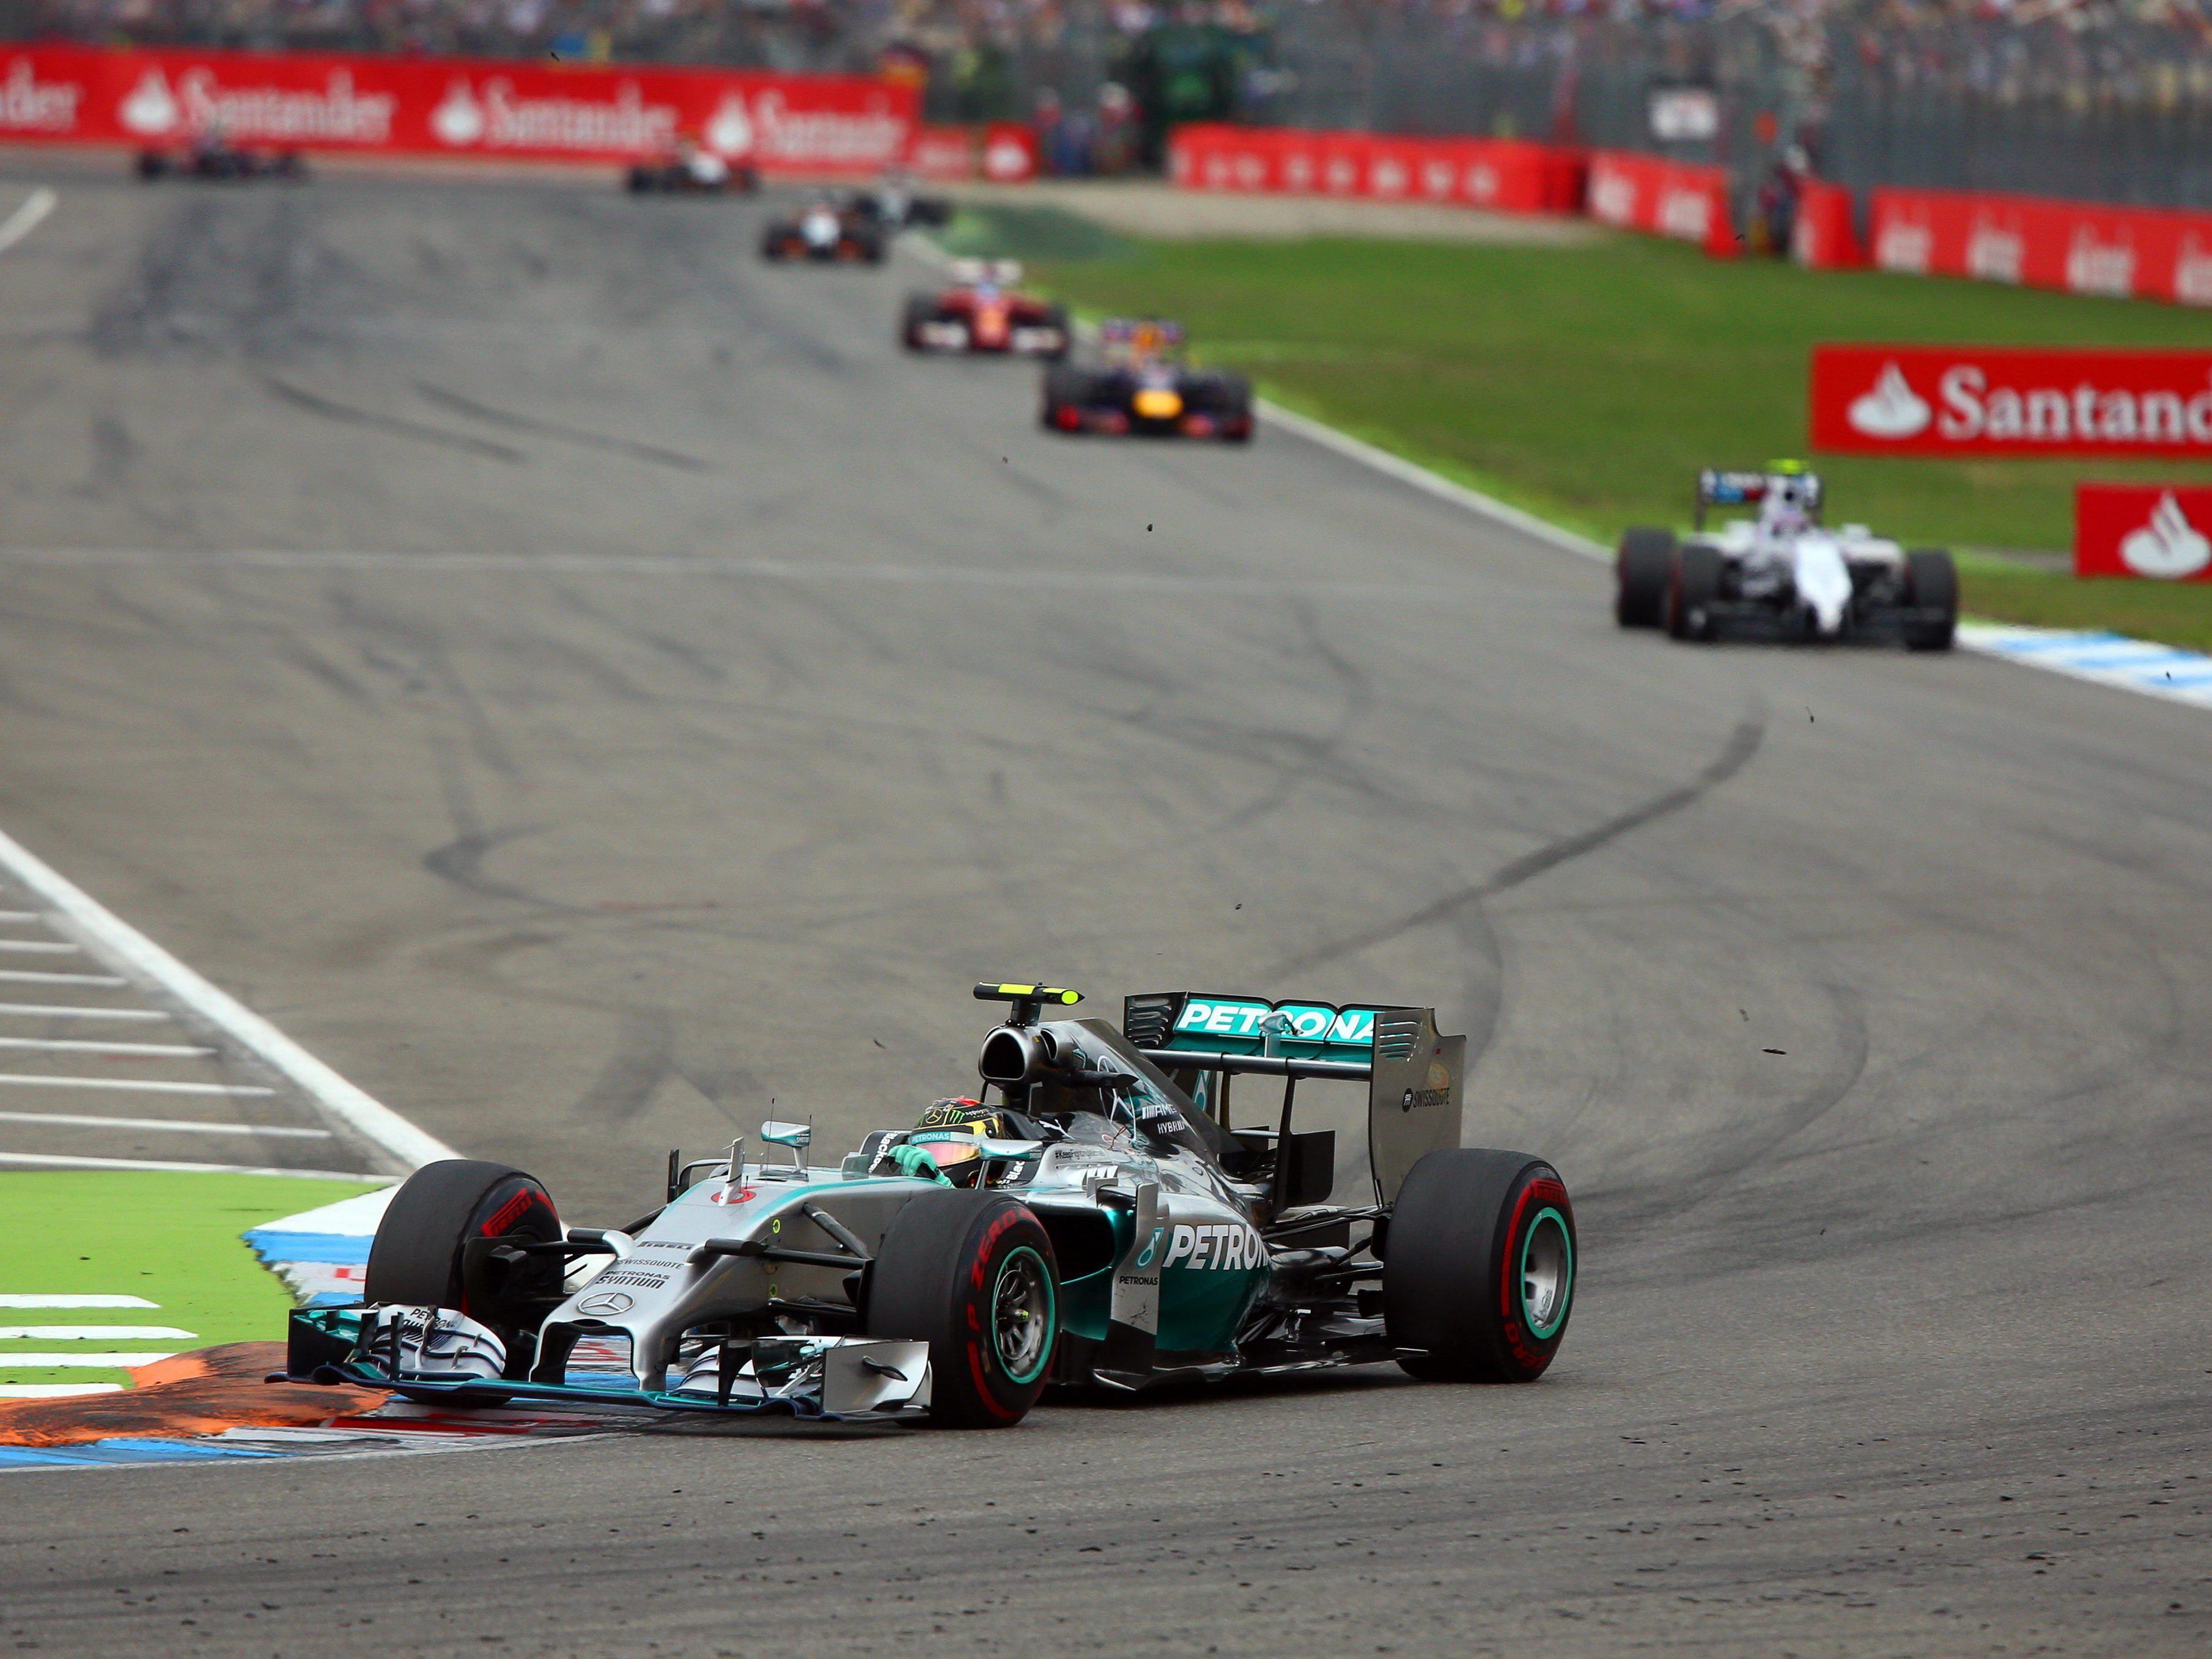 Rosberg siegt - Hamilton nach Startplatz 20 noch Dritter.